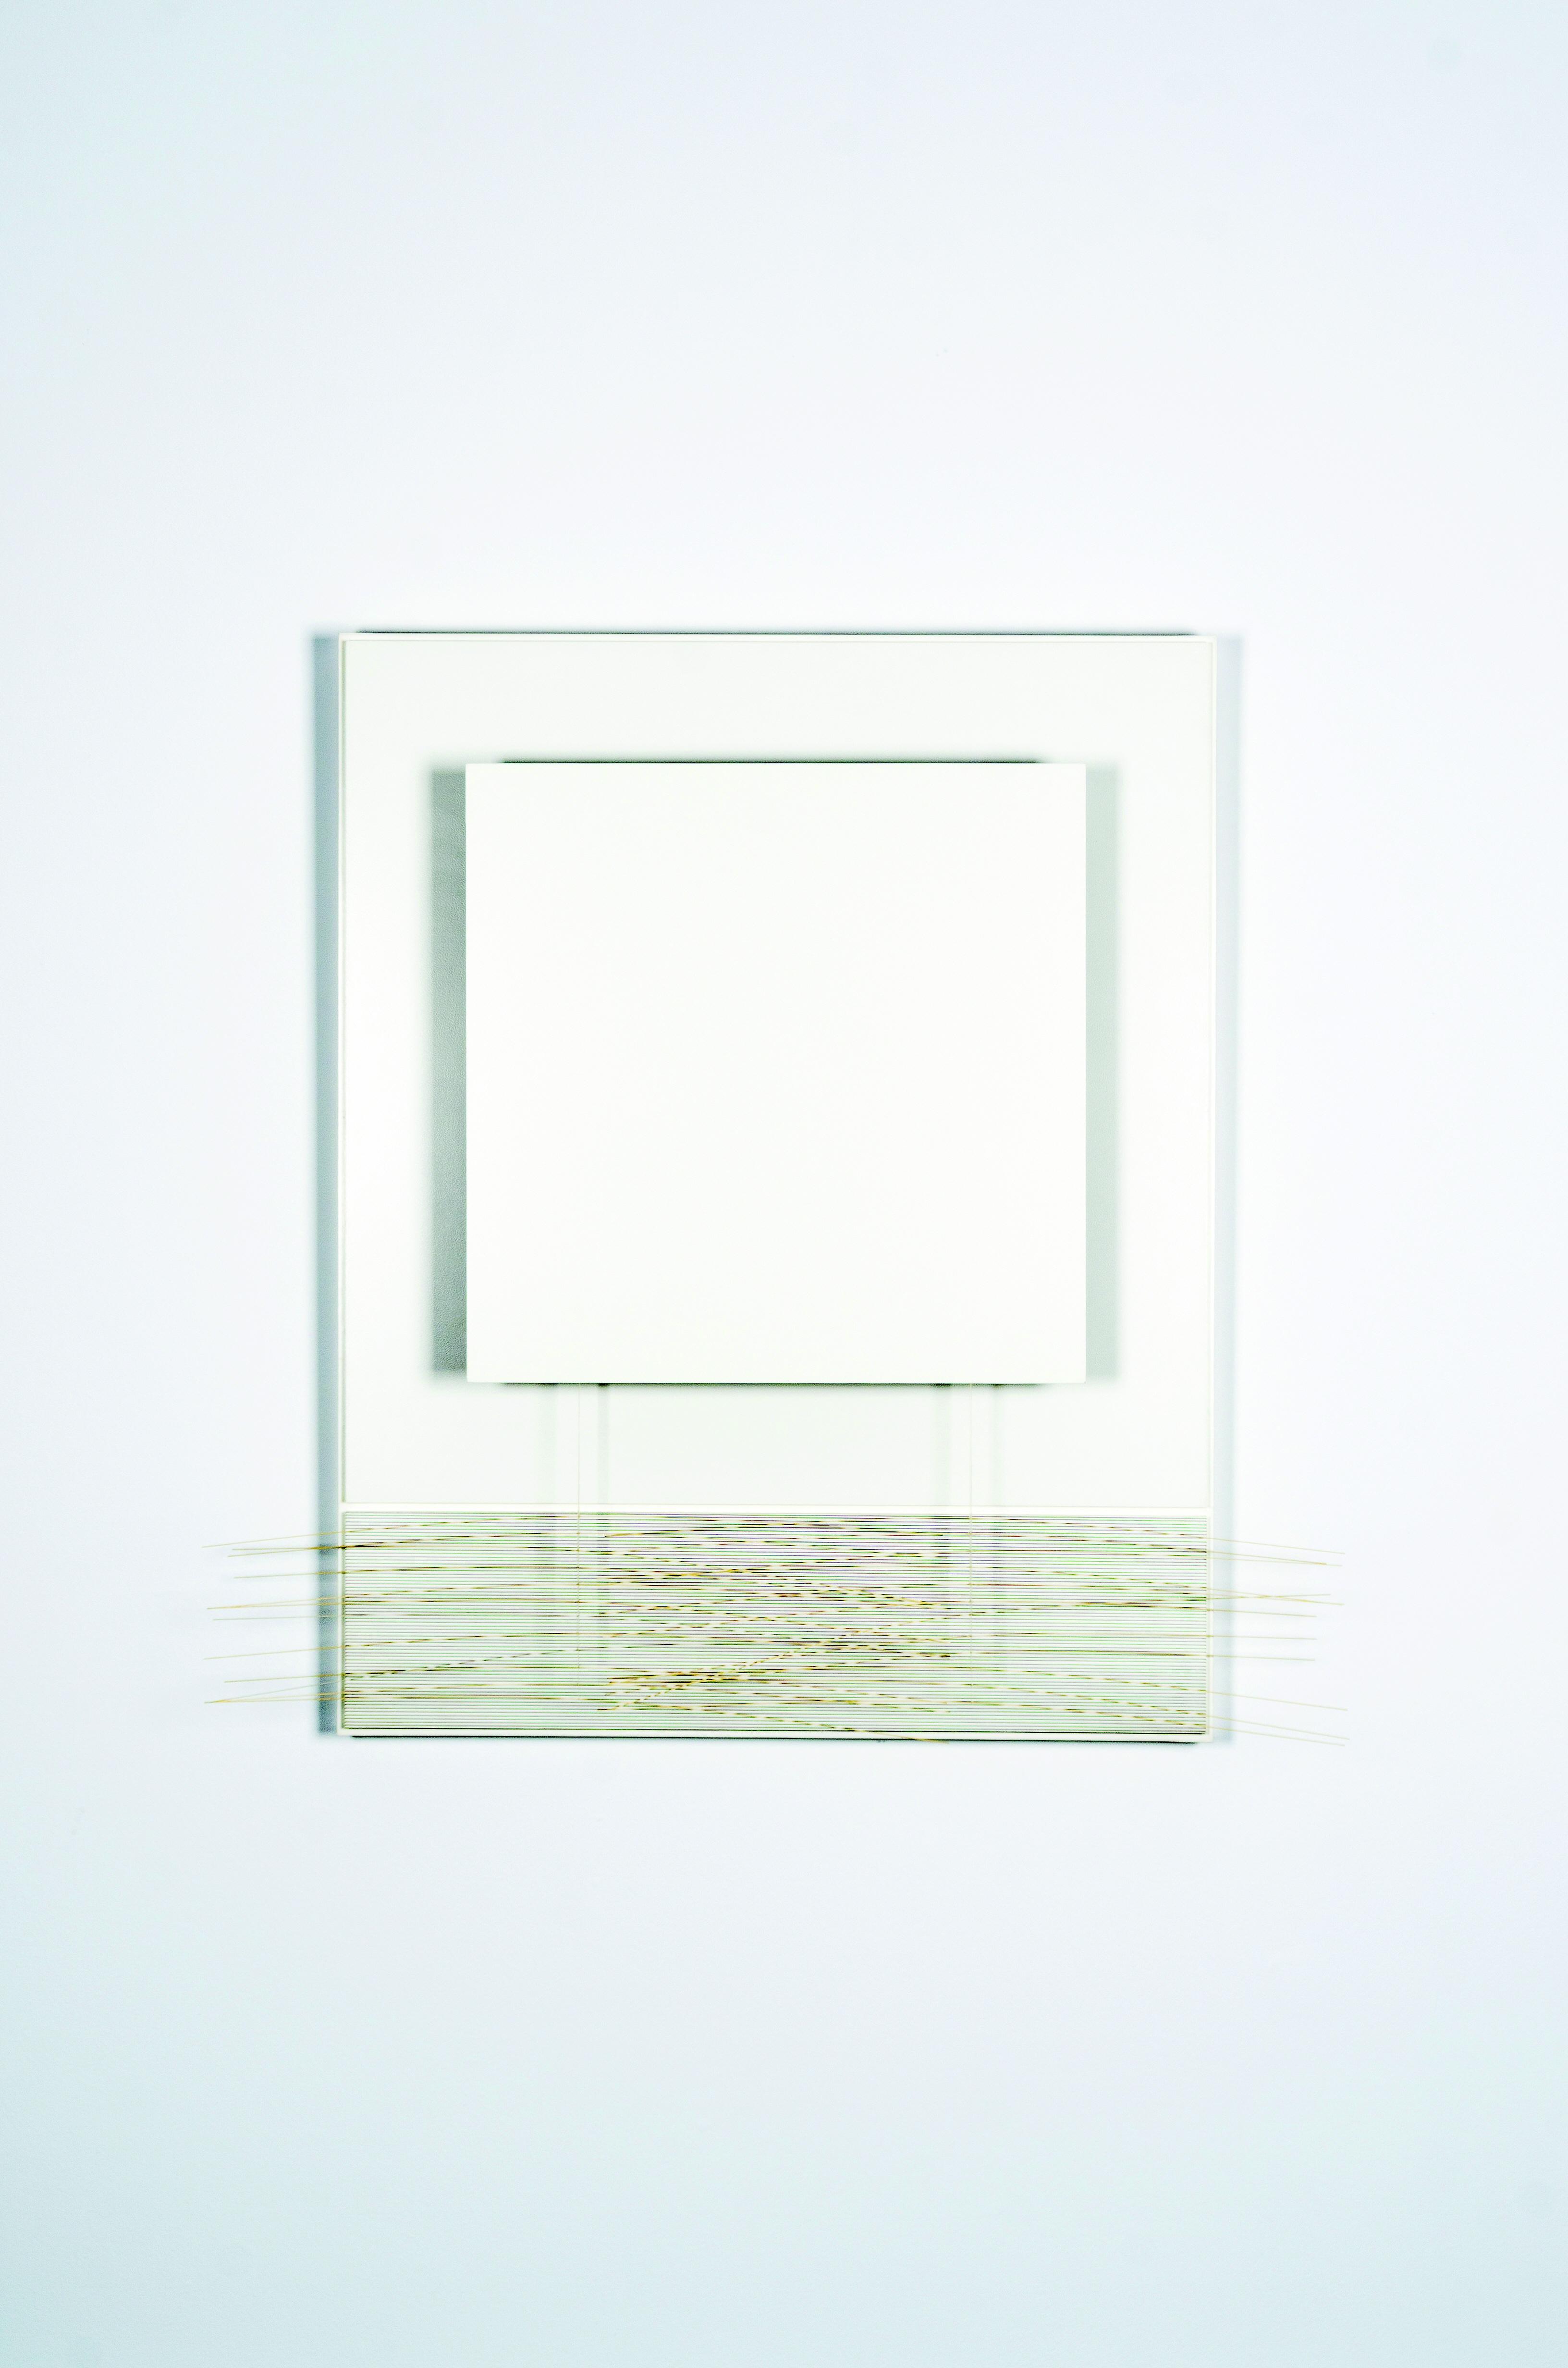 Jesús-Soto-22Blanco-sobre-blanco-y-vibración22-1991.-Colección-CA2M